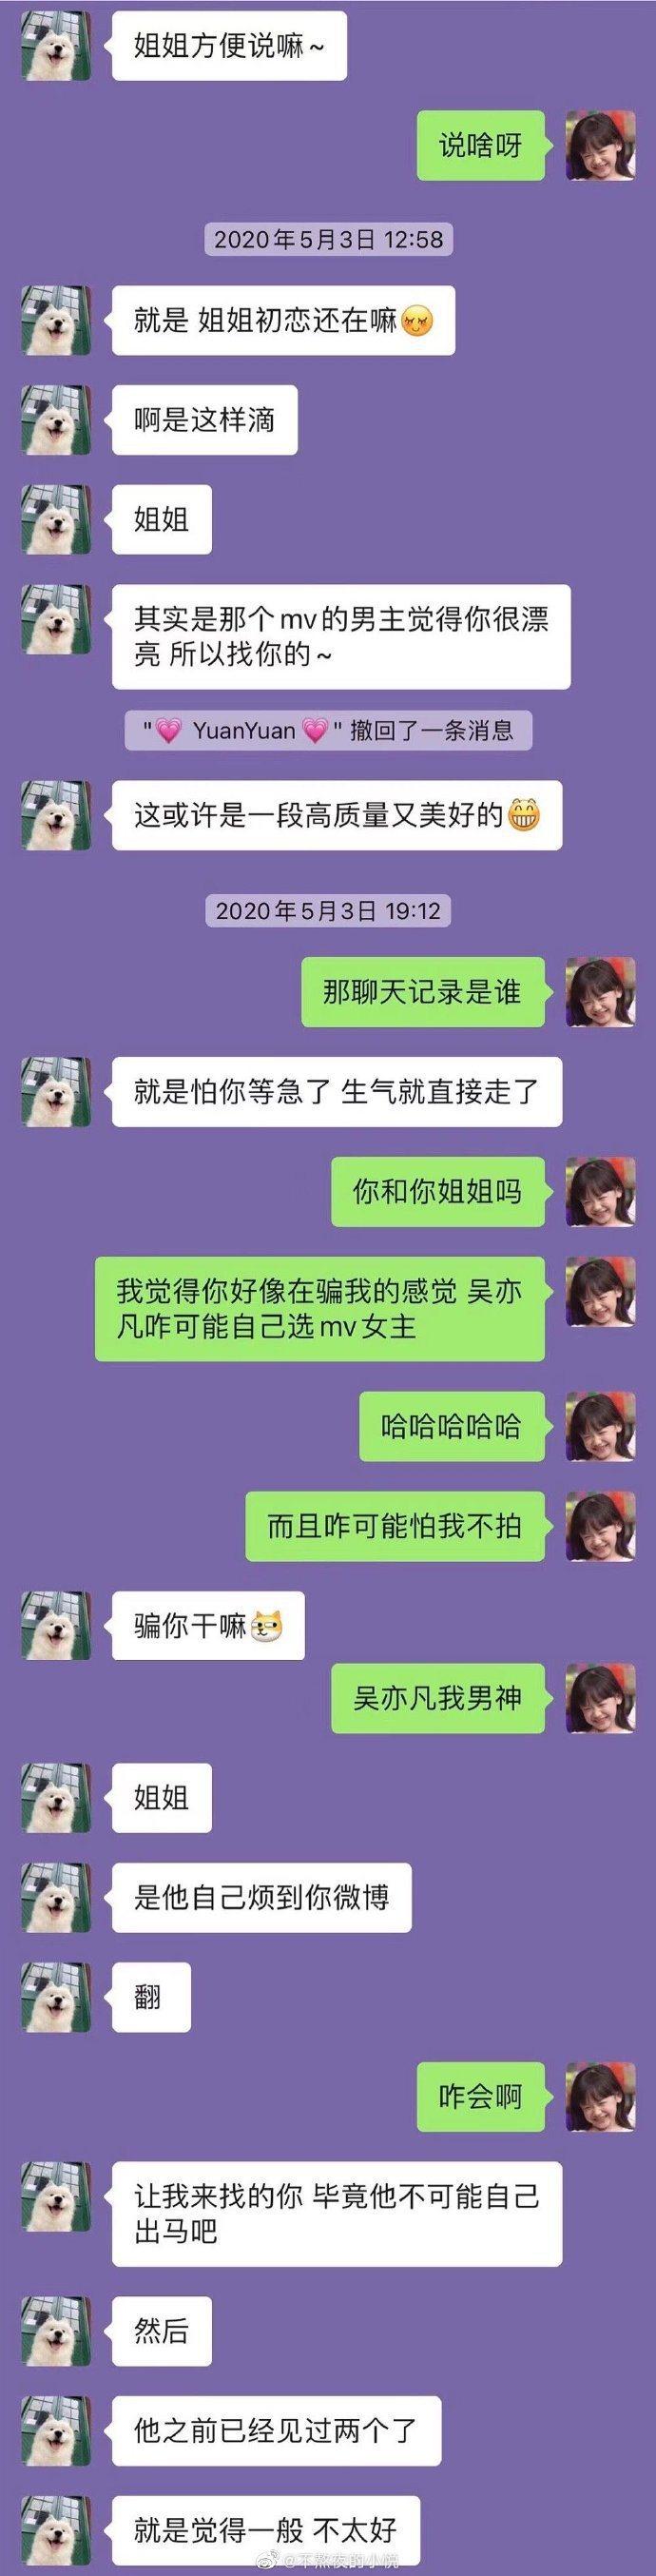 「不熬夜的小悅」曝和吳亦凡的對話截圖。圖/摘自微博